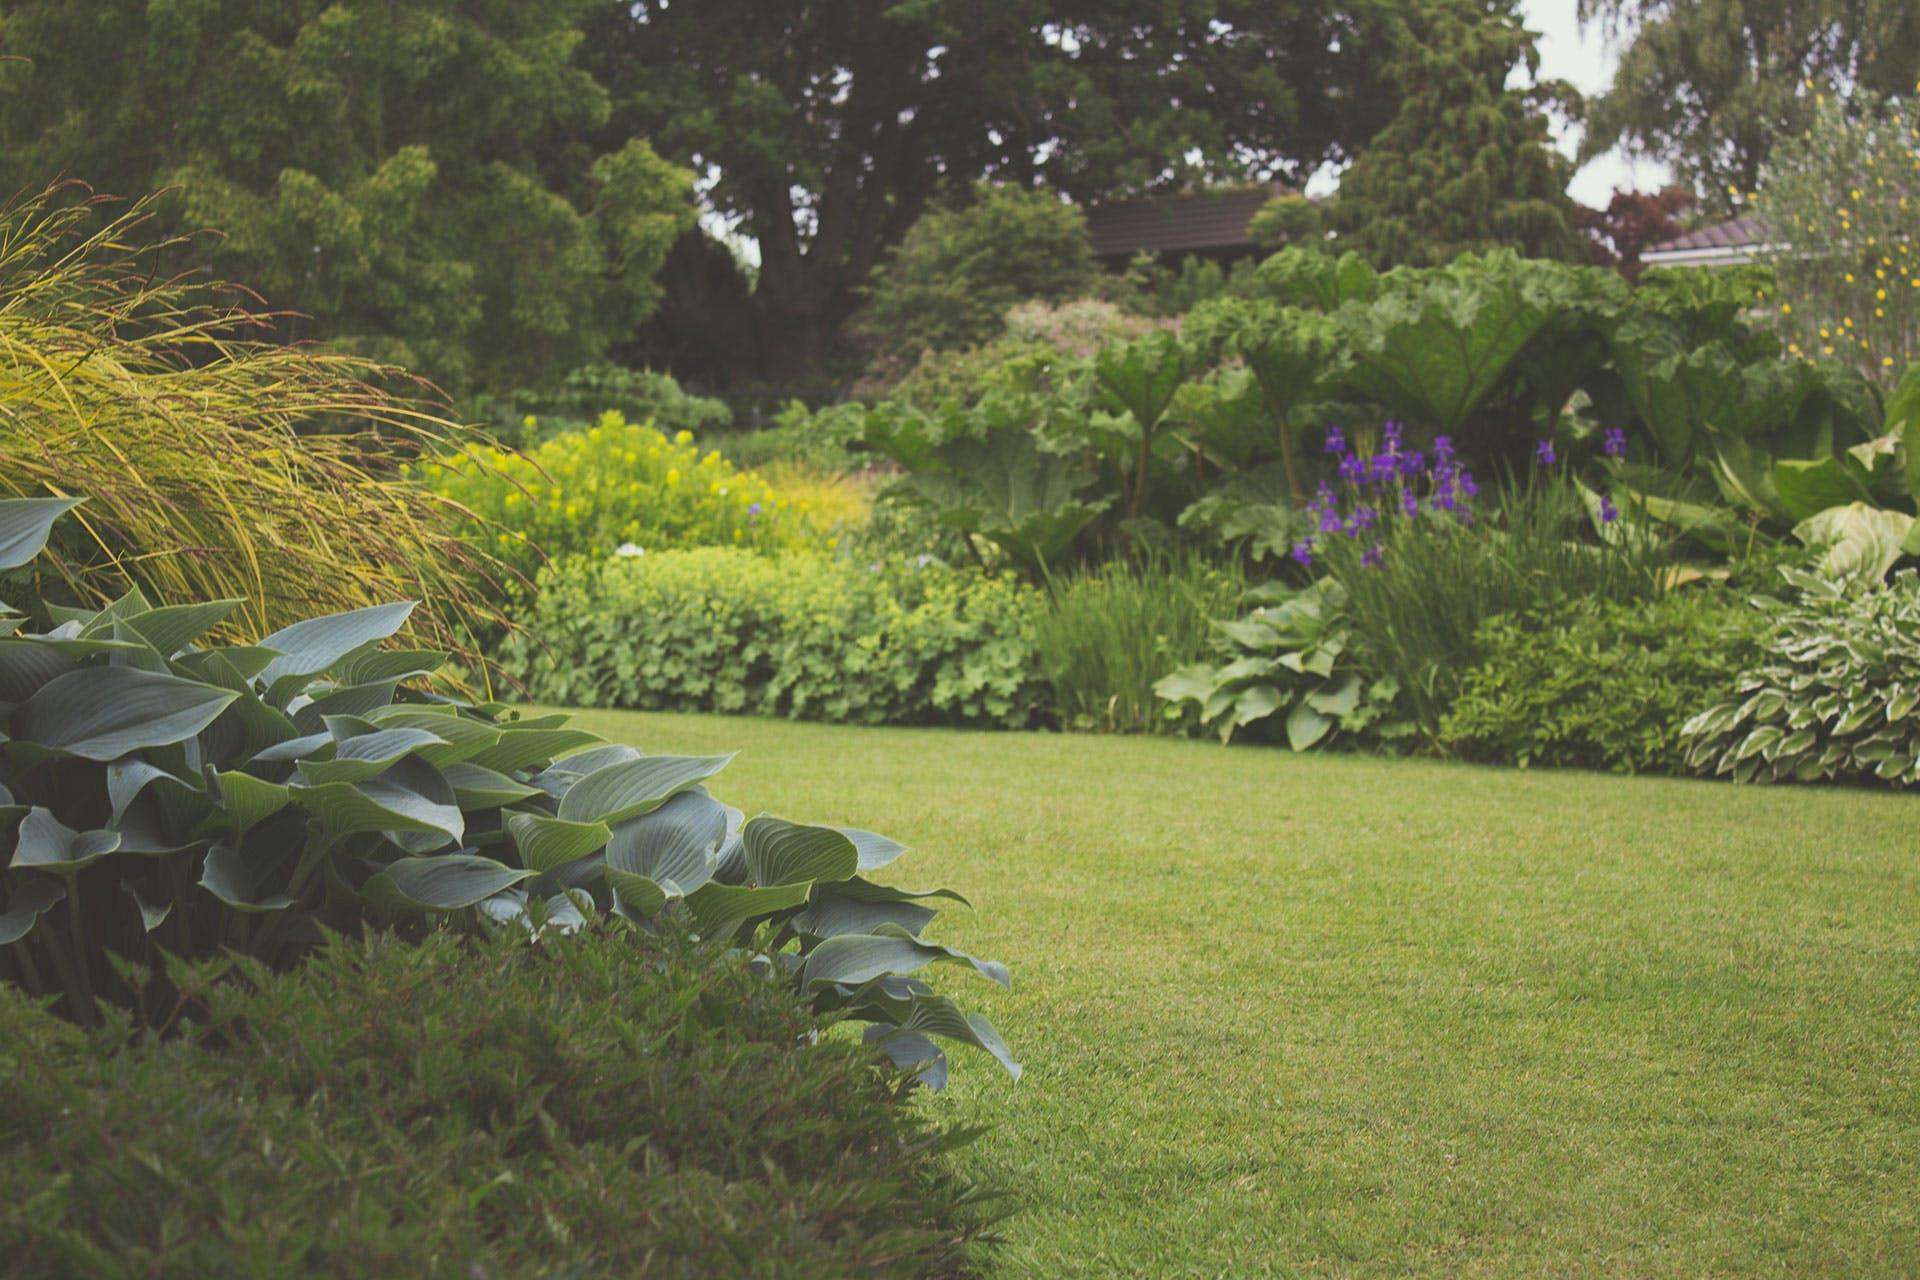 Kostenloses Stock Foto zu garten, gras, grün, pflanzen